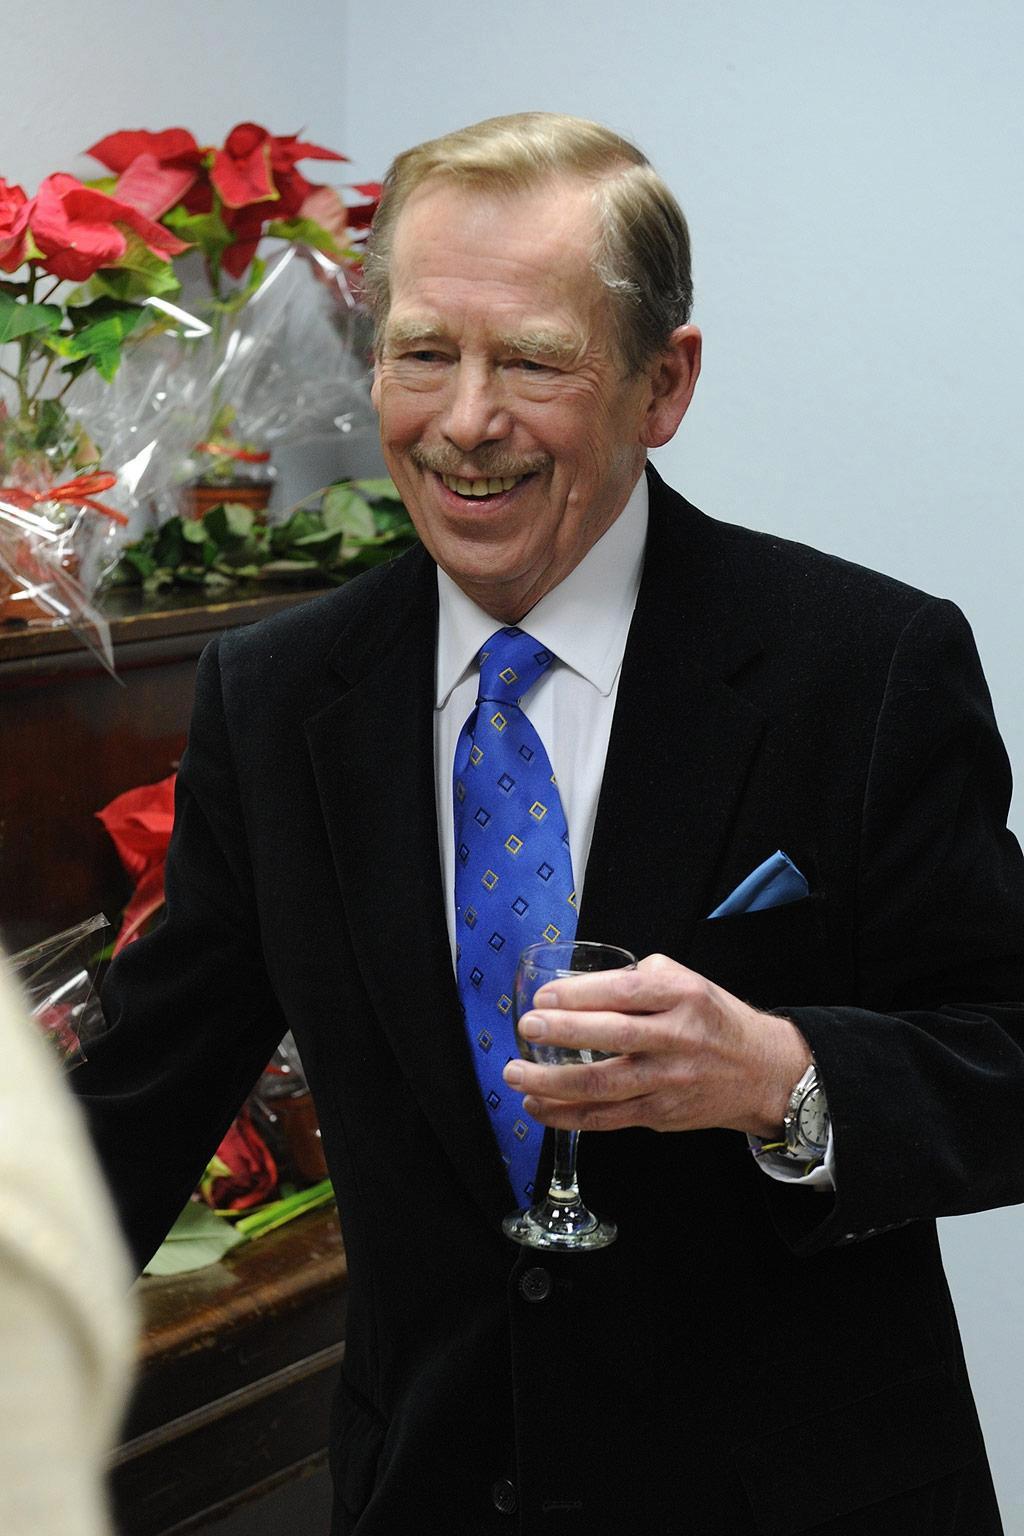 Vaklaf? Vyslovit správně Václav Havel dělá problémy spoustě cizinců.